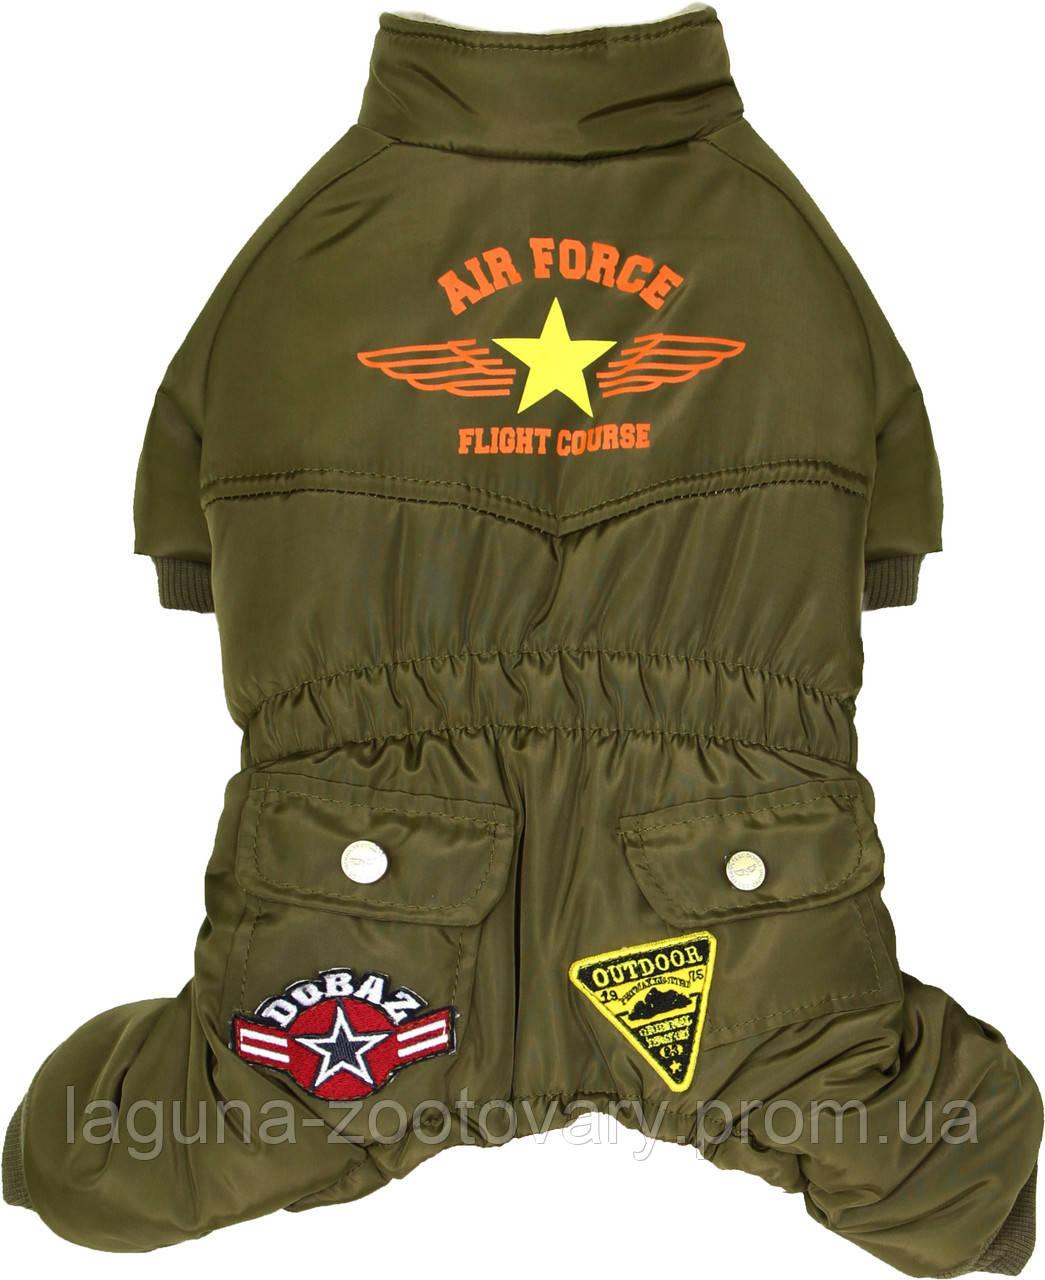 """Комбинезон """"Пилот ВВС"""" для собак и щенков, оливковый,  размер S"""